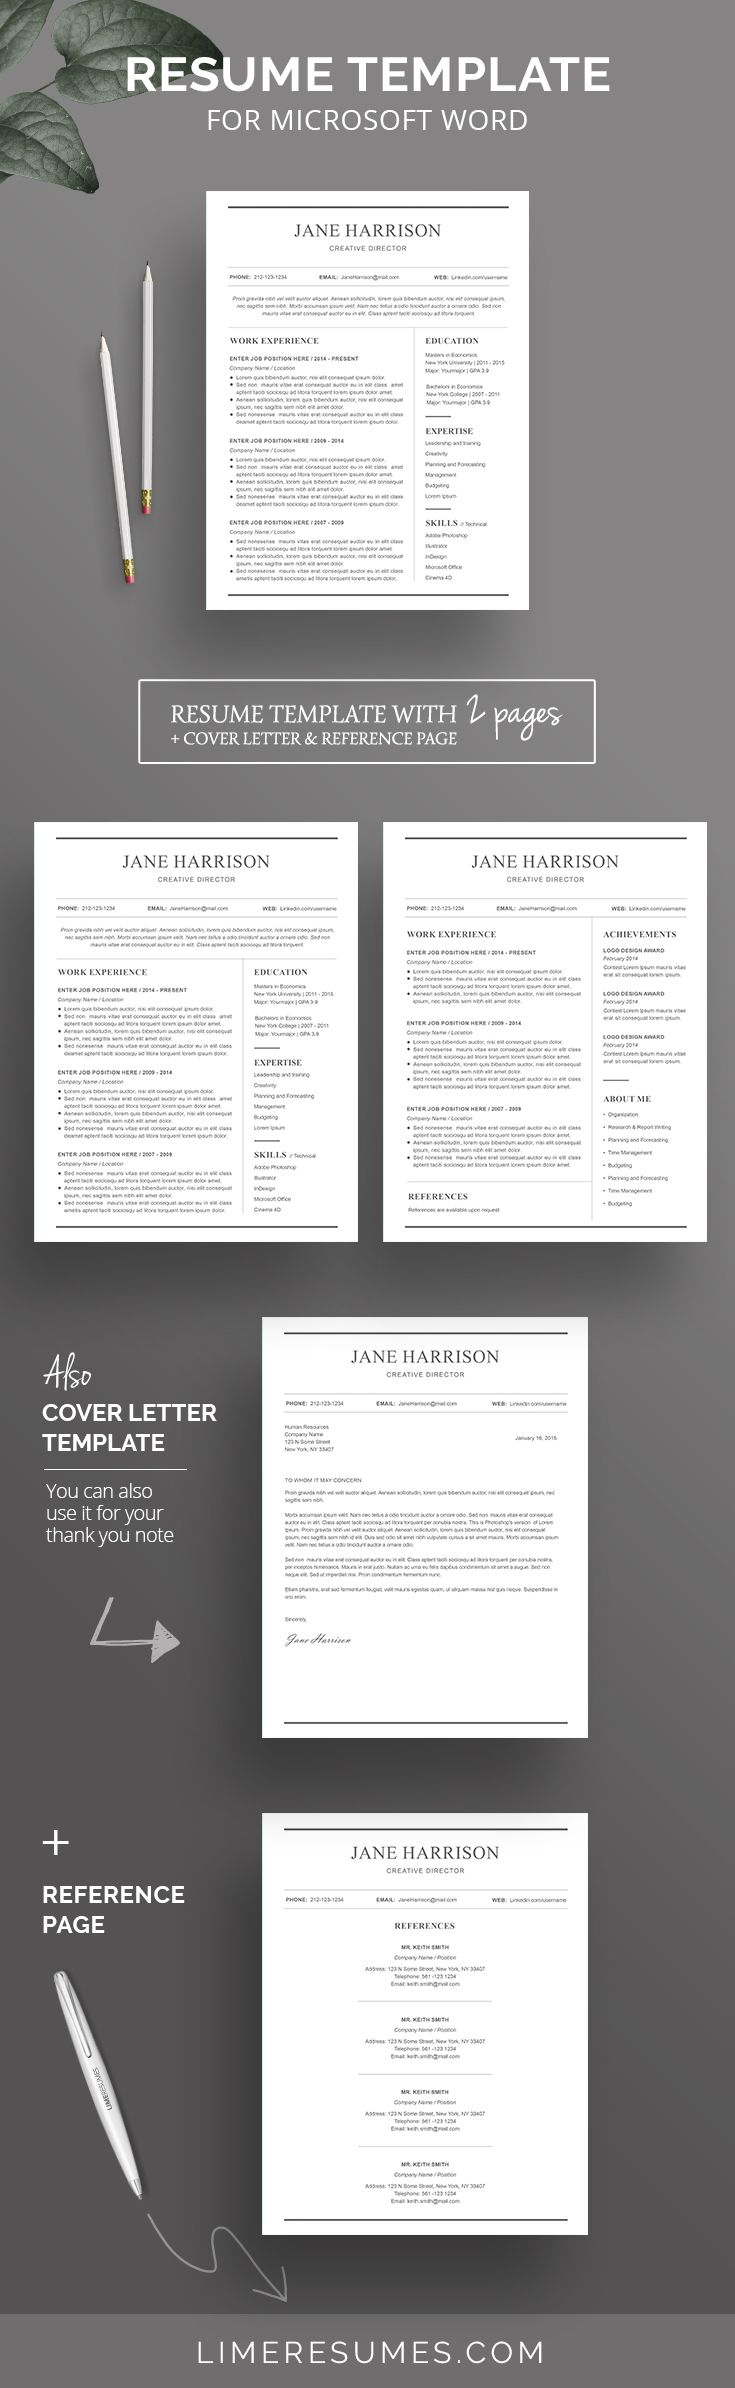 Minimalist Resume Template Minimalist Resume Template  Minimalist Resume Design  Pinterest .